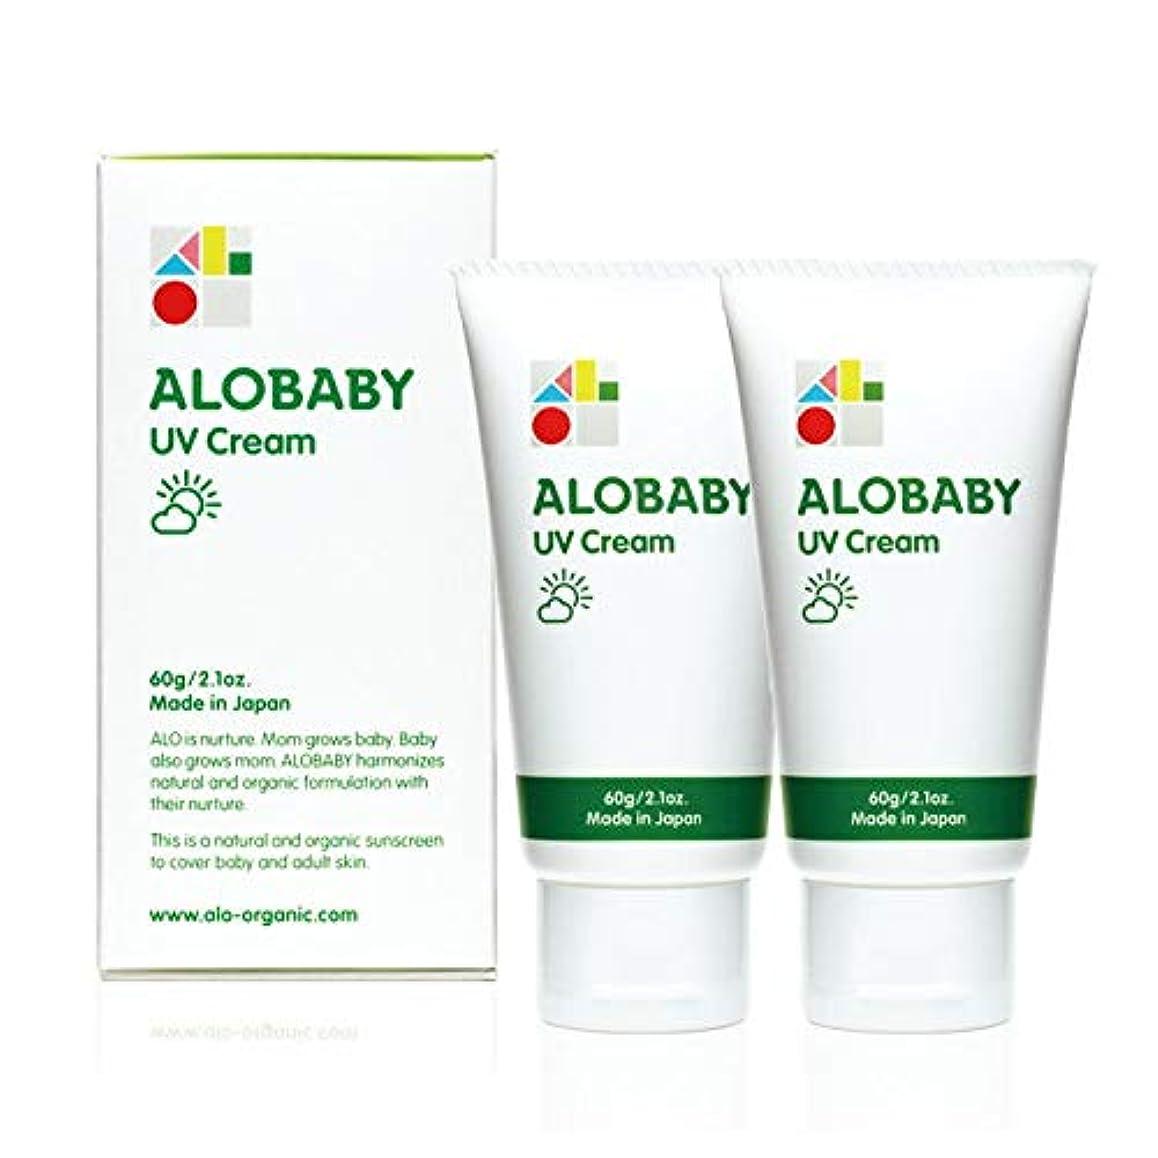 作りチューリップコンサルタントアロベビー UVクリーム 60g (2本) 赤ちゃん こども用 日焼け止め 紫外線吸収剤不使用 無添加 オーガニック alobaby